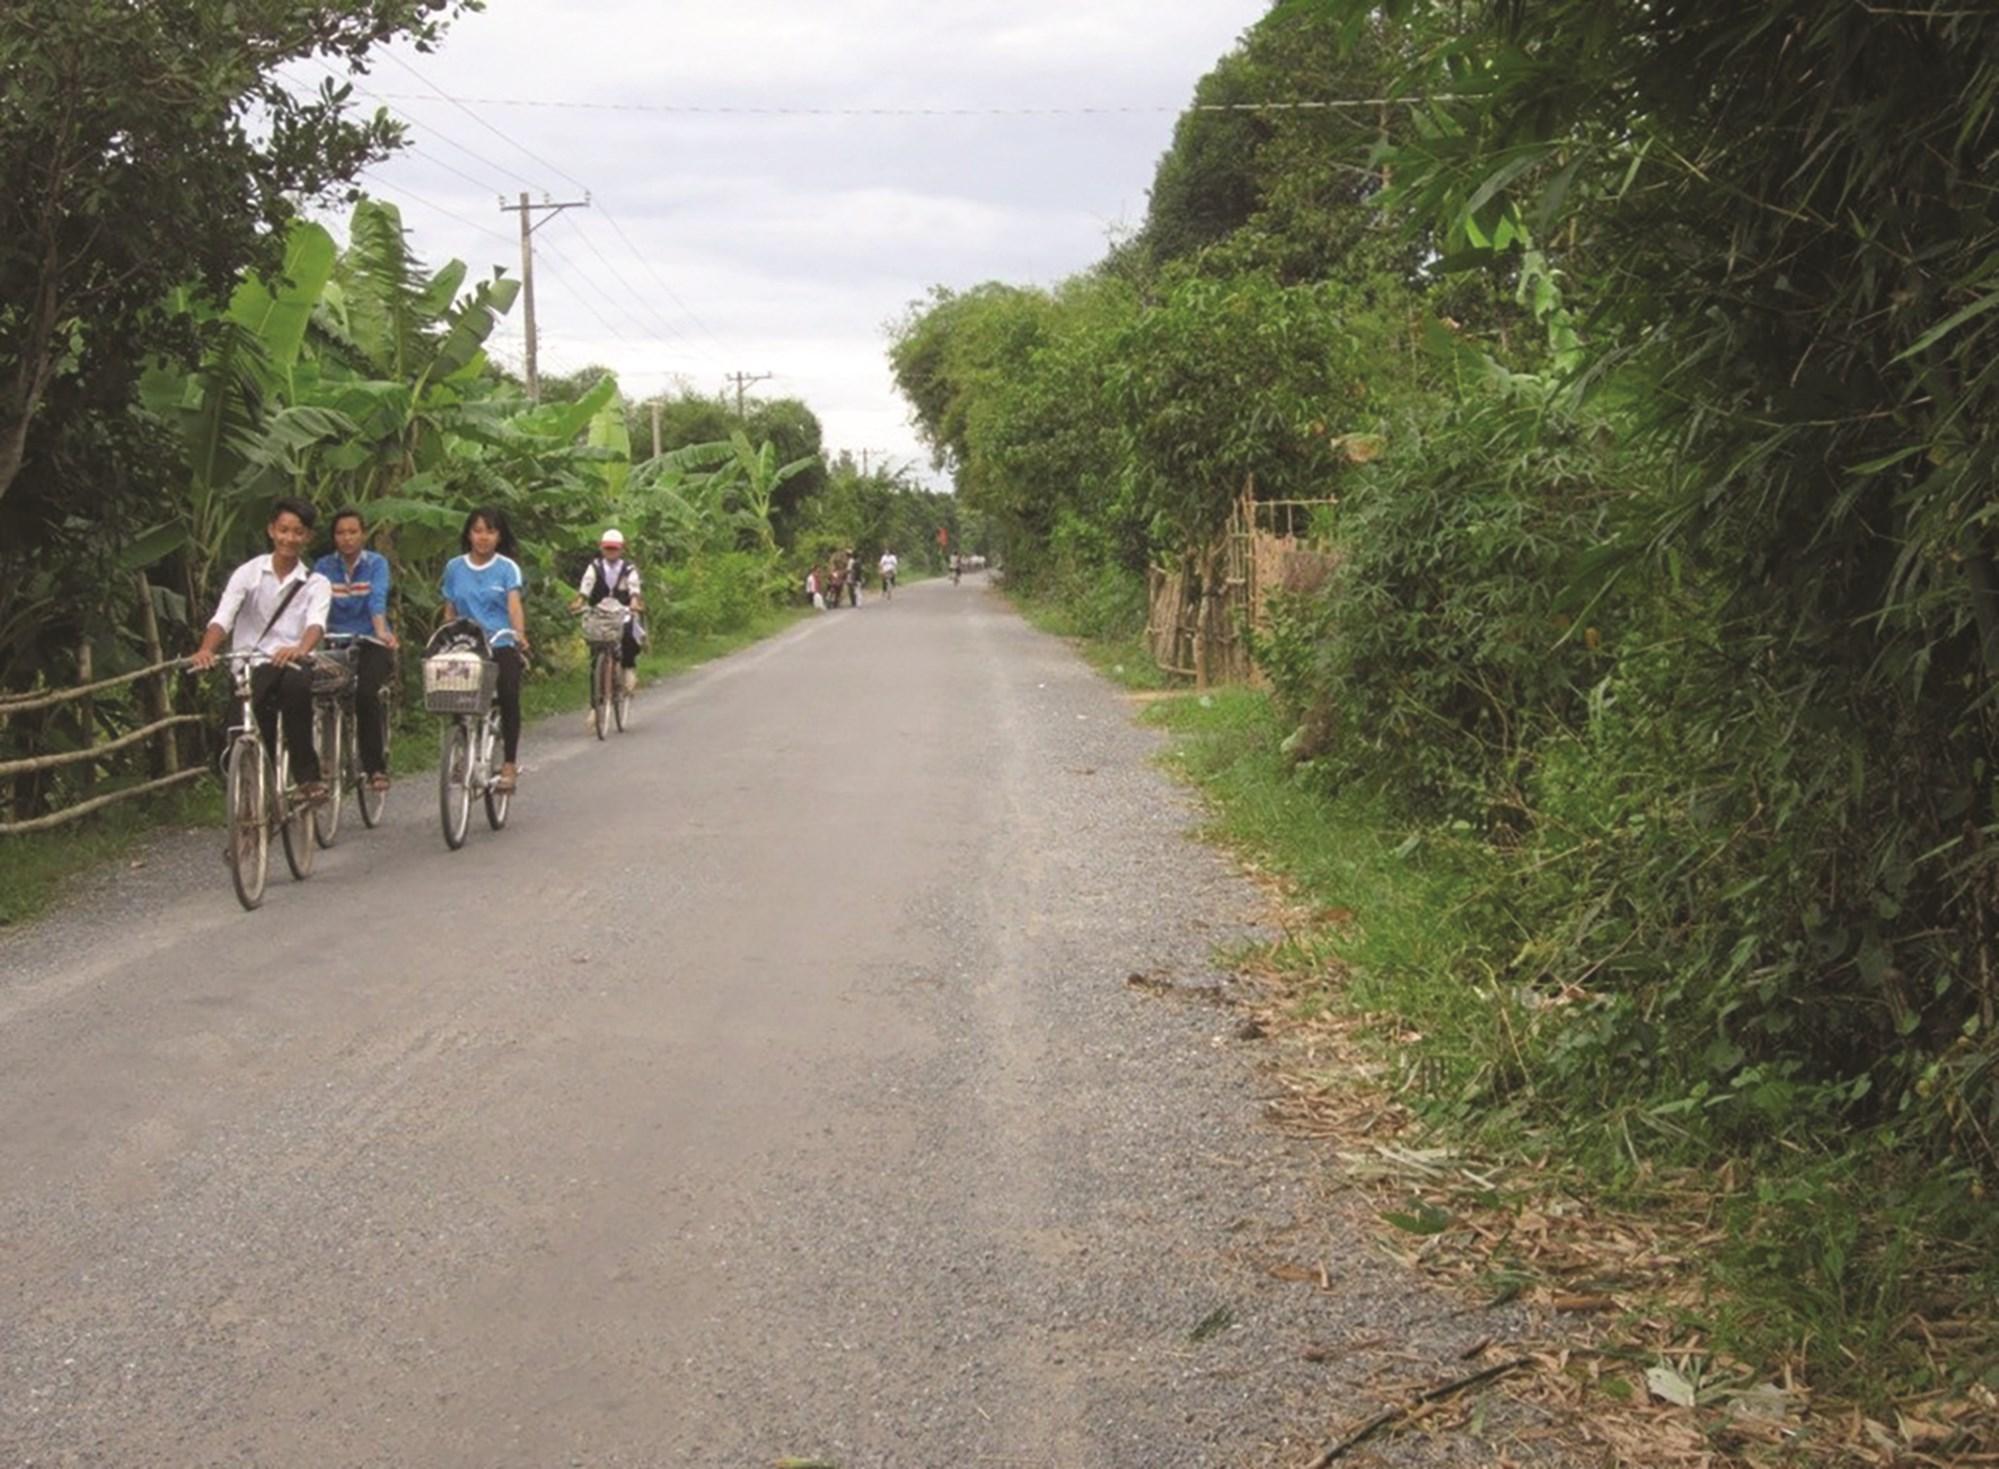 Hệ thống giao thông trong vùng đồng bào dân tộc Khmer huyện Cầu Kè được đầu tư xây dựng khá hoàn chỉnh.